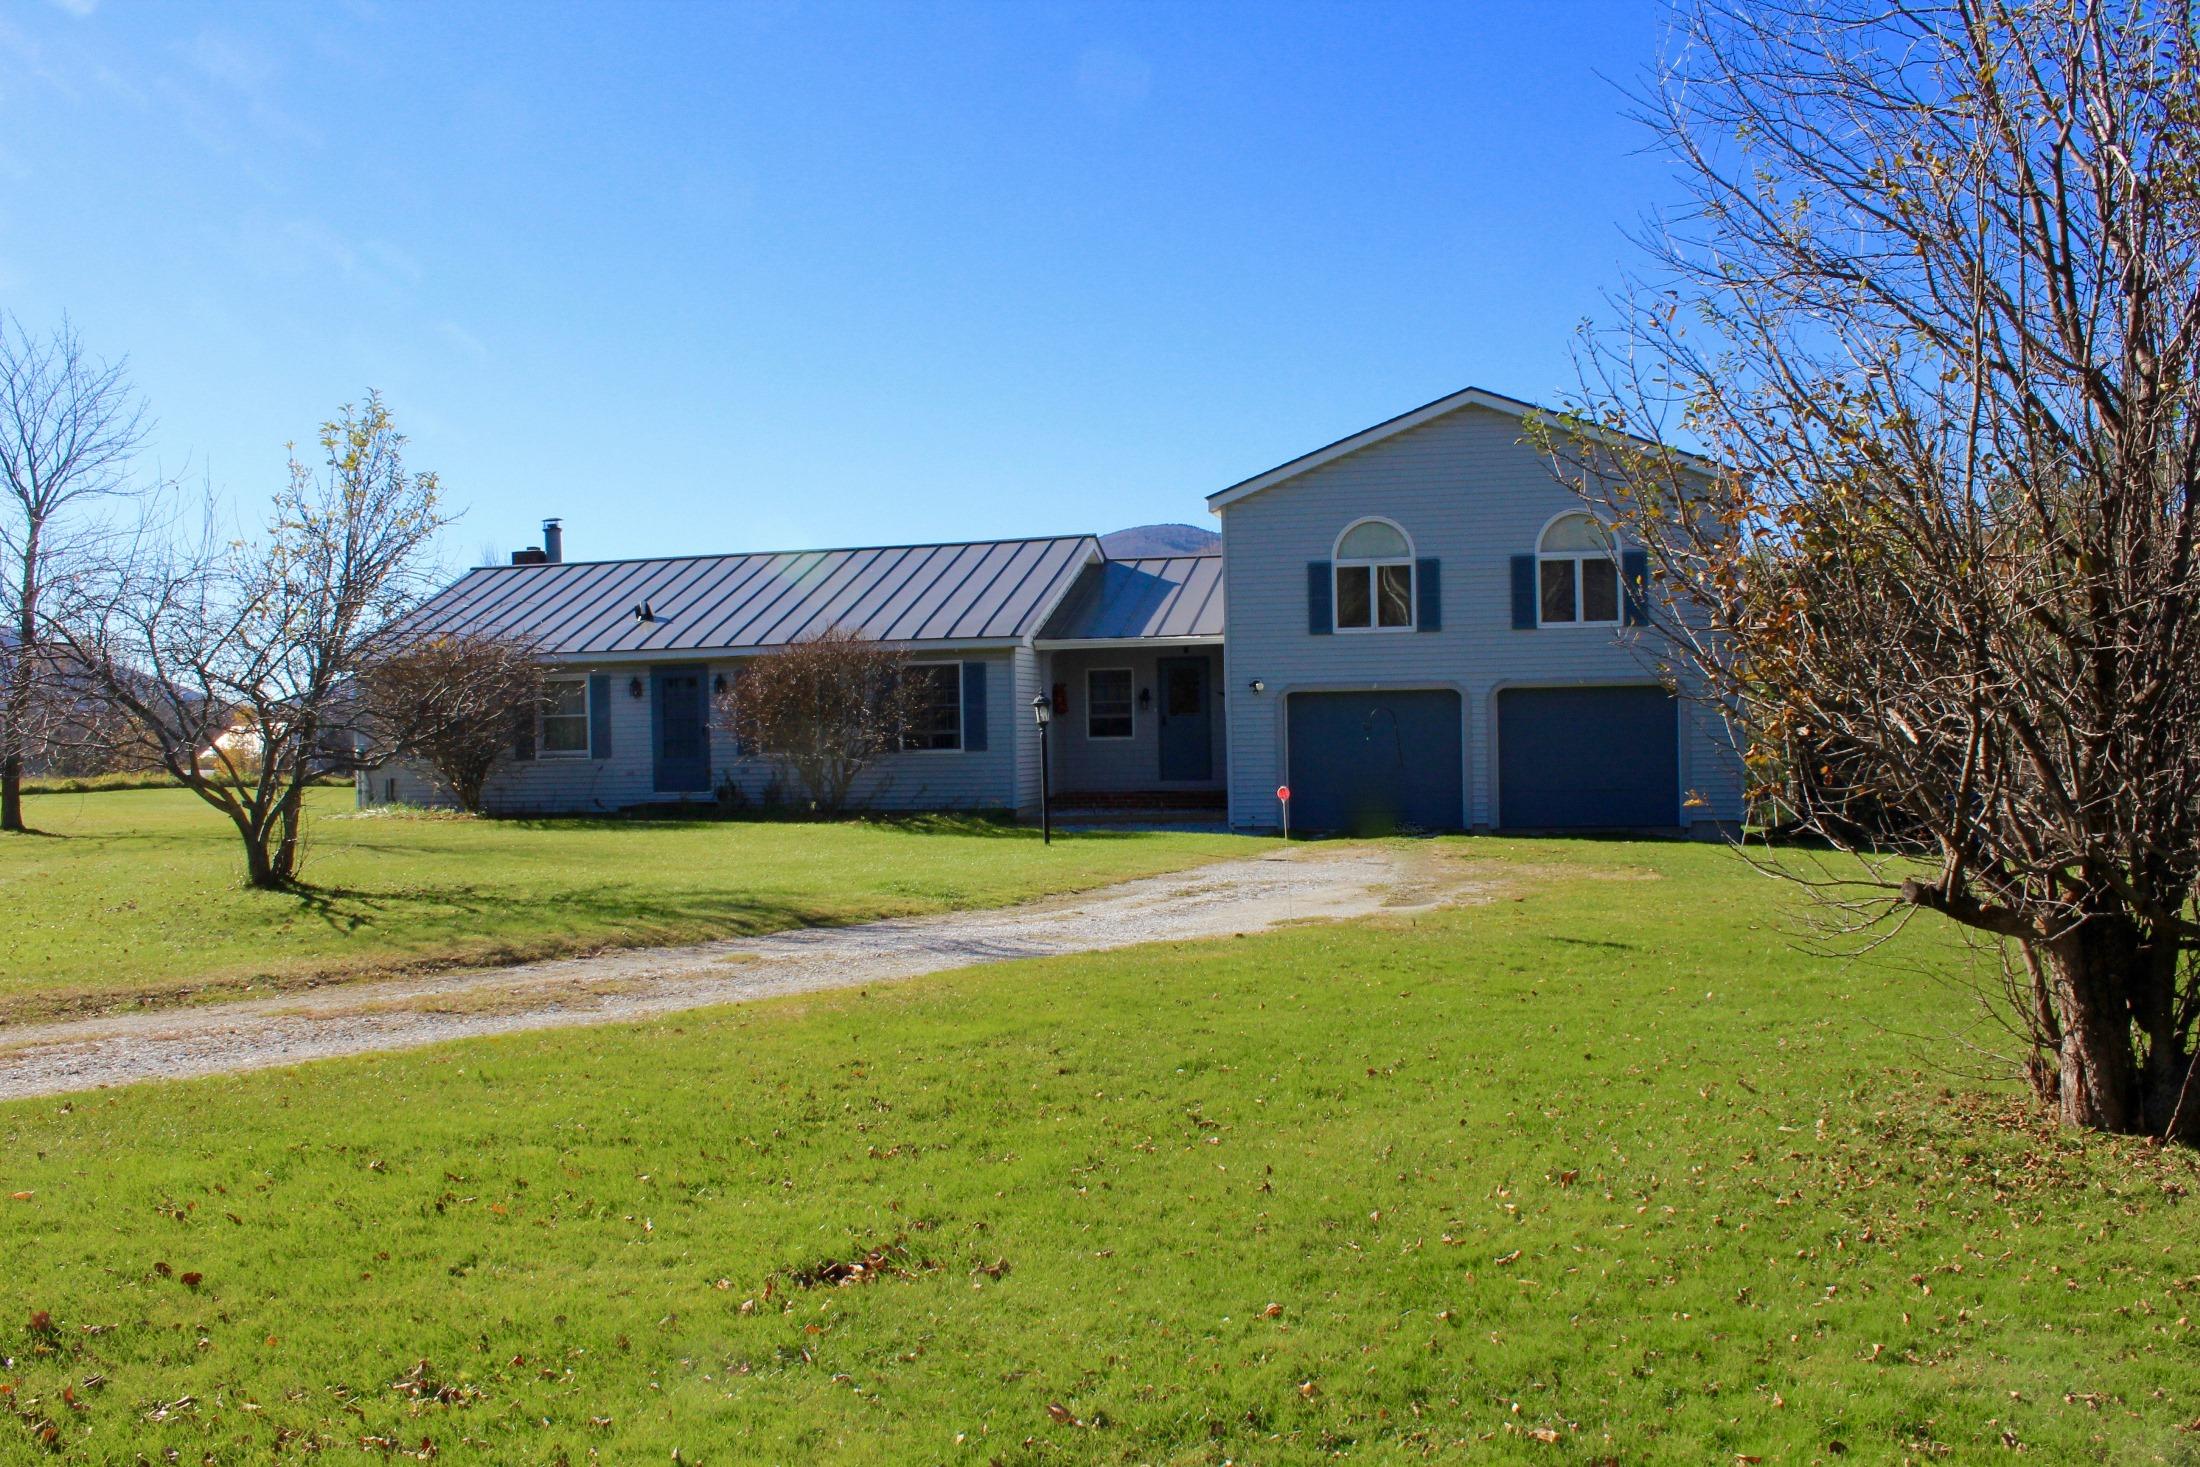 Частный односемейный дом для того Продажа на 153 Tinmouth, Danby Danby, Вермонт 05739 Соединенные Штаты